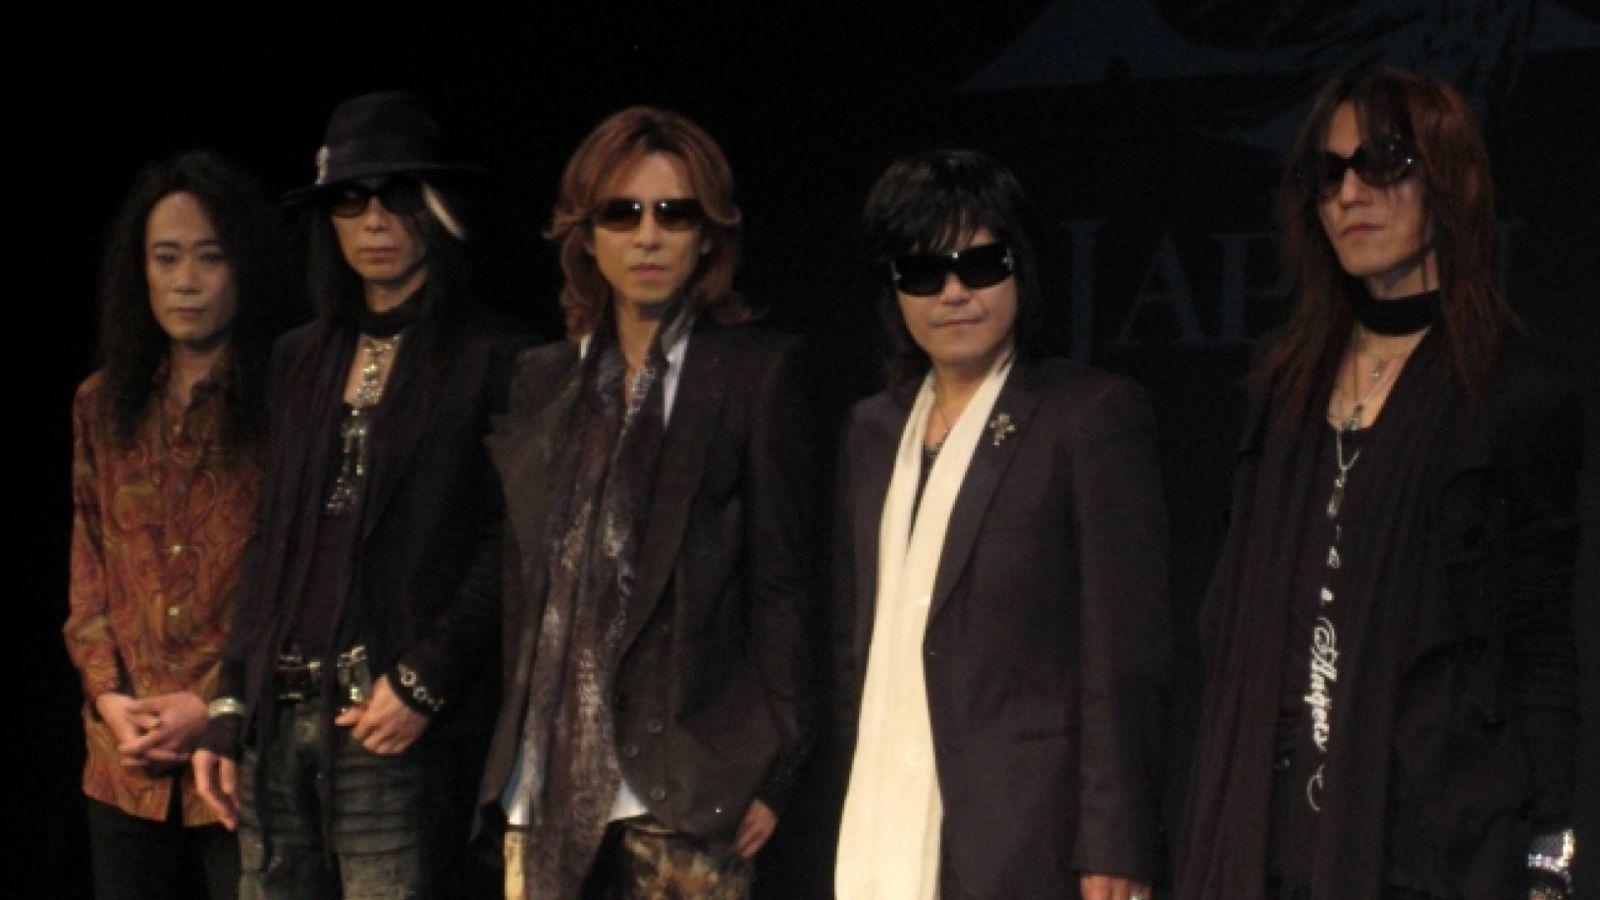 Rueda de prensa de X JAPAN acerca del Nissan Stadium y el Lollapalooza © Leela - JaME - X JAPAN